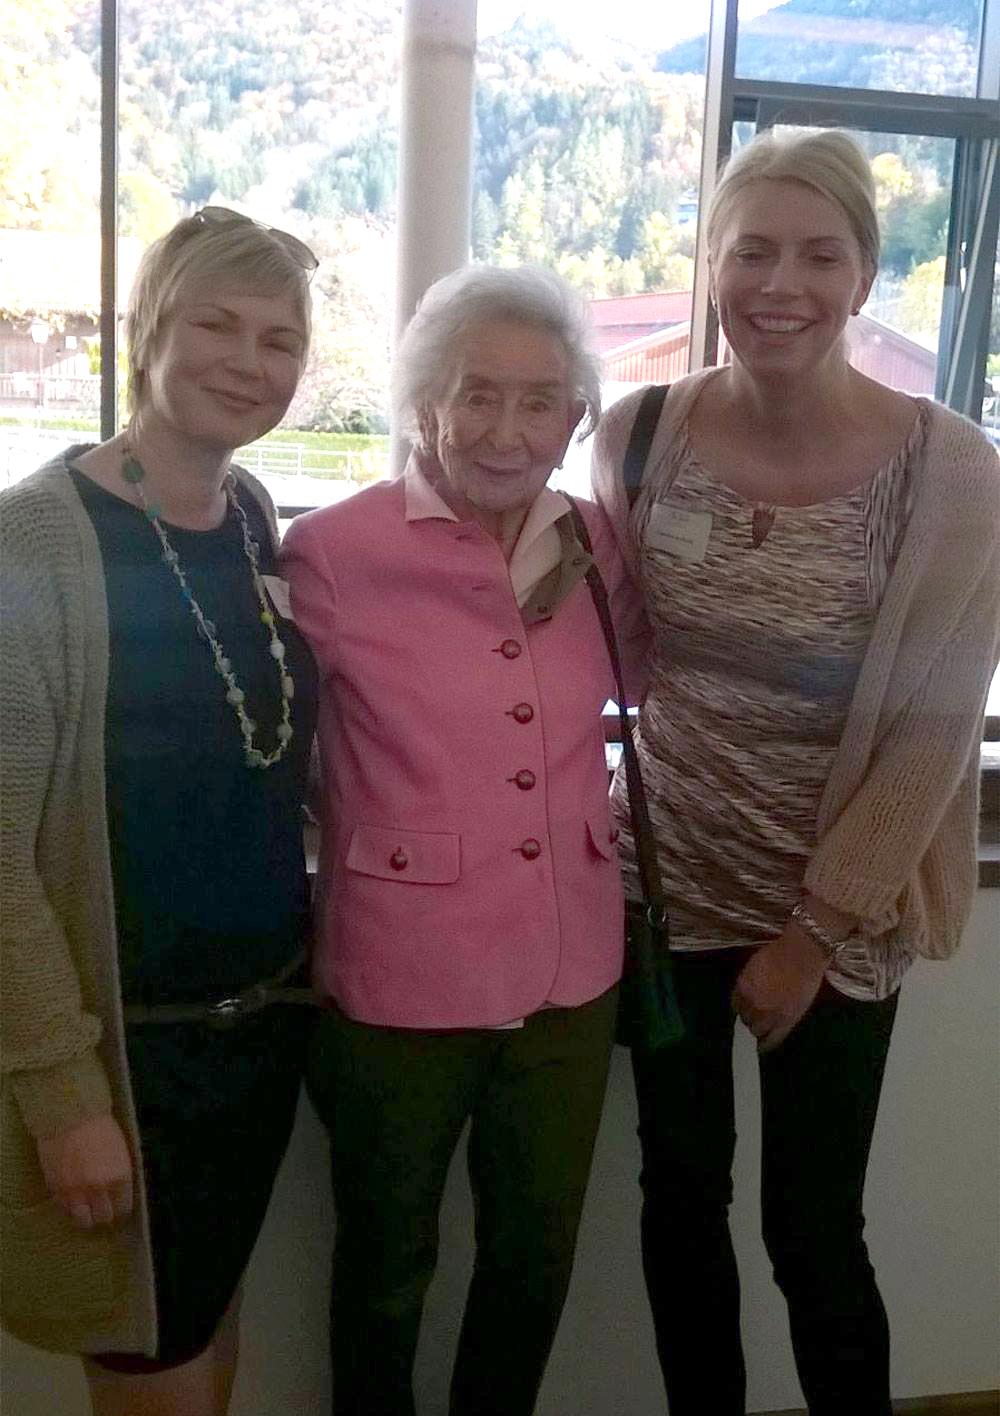 Zusammen mit Carmen Arnhold (rechts) sammelte Sabine Valentin-Hofknecht (links) nach ihrer Ausbildung einige Jahre Berufserfahrung auf der Schönheitsfarm von Gertraud Gruber (Mitte) in Rottach-Egern. Das Bild entstand 2015 anlässlich eines Gruber-Kongresses am Tegernsee.